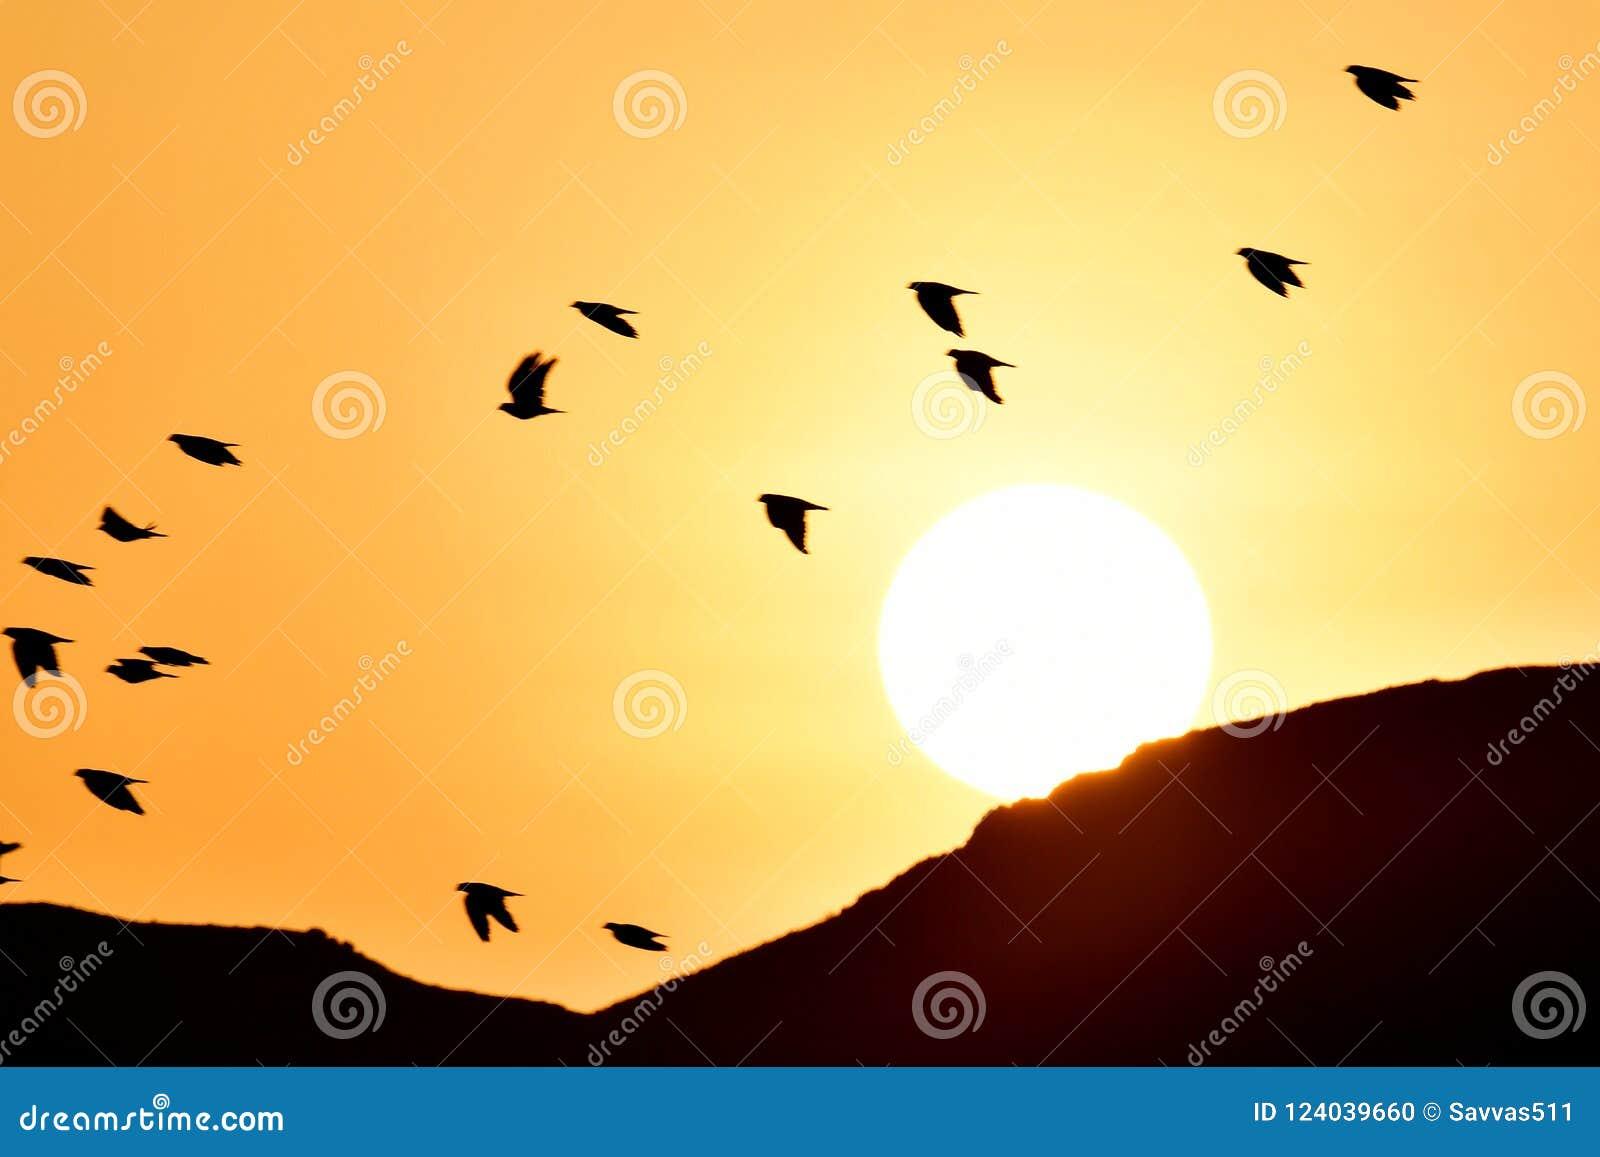 Abstract Birds In Flight Wall Art